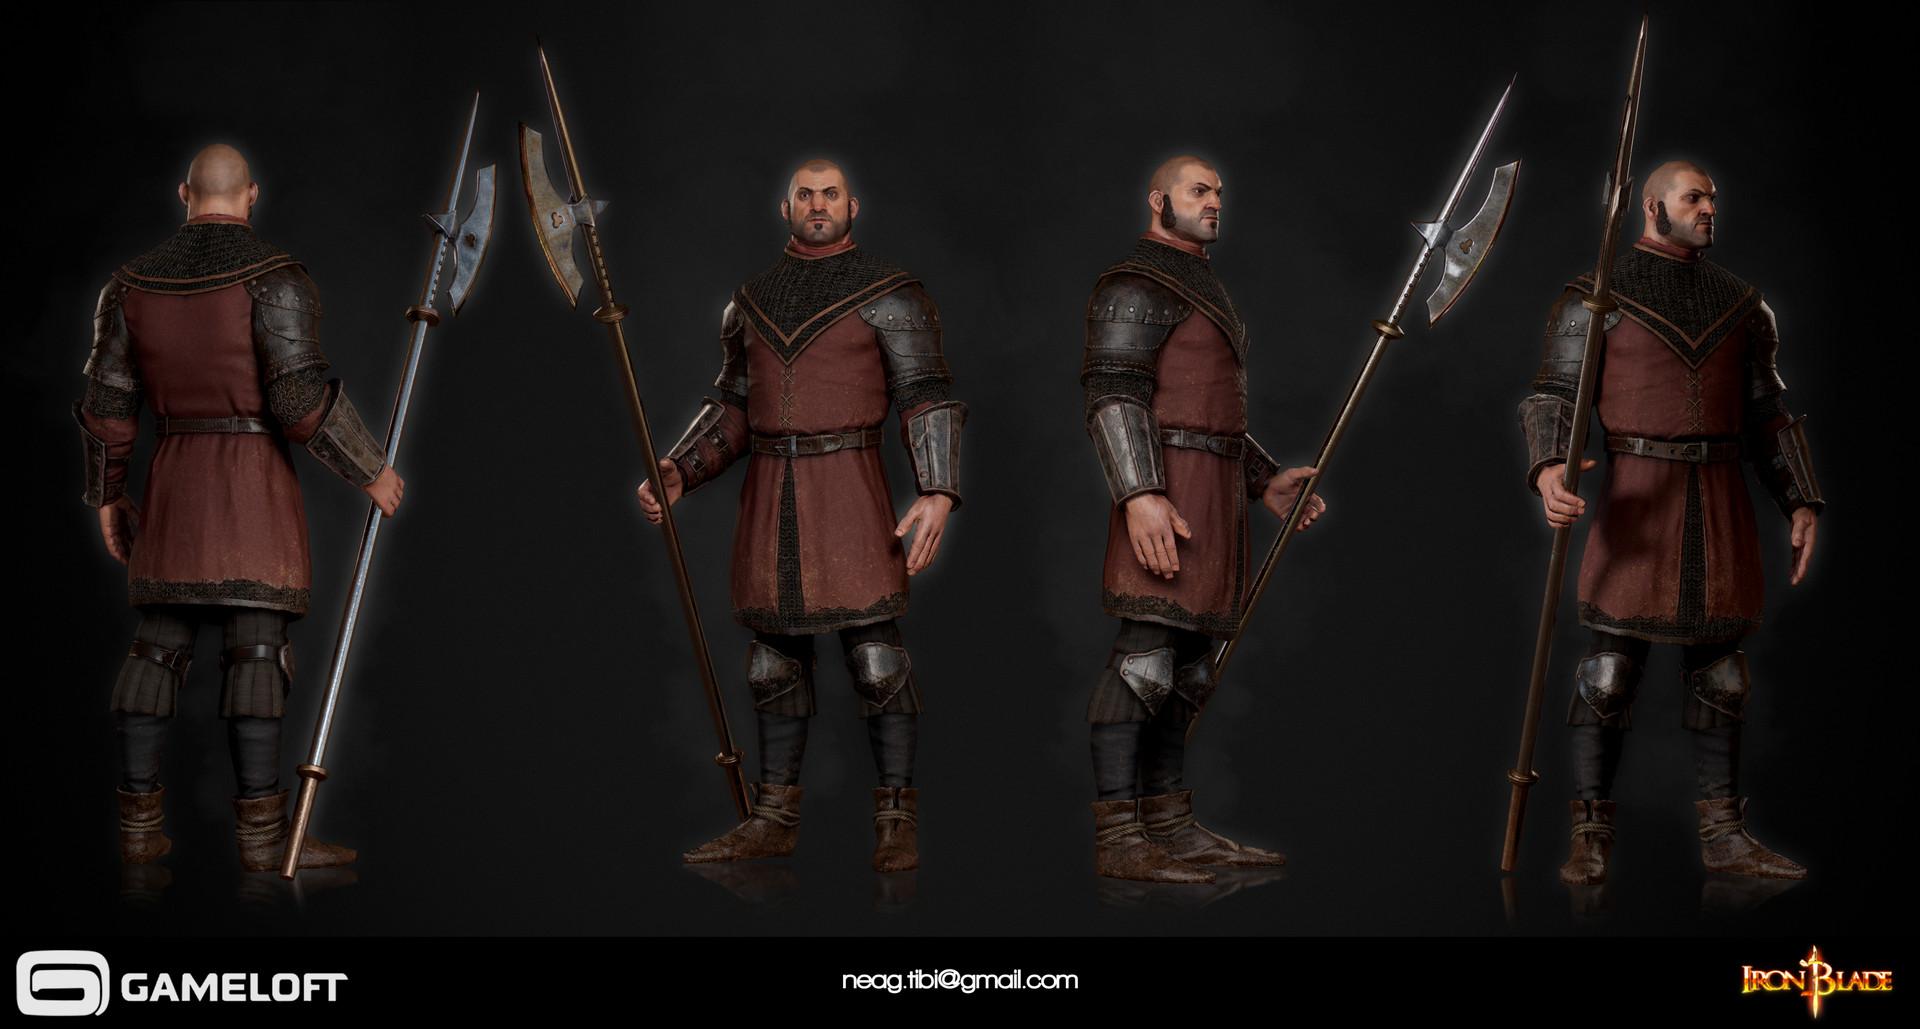 Tibi neag tibi neag iron blade garrison soldier a low poly